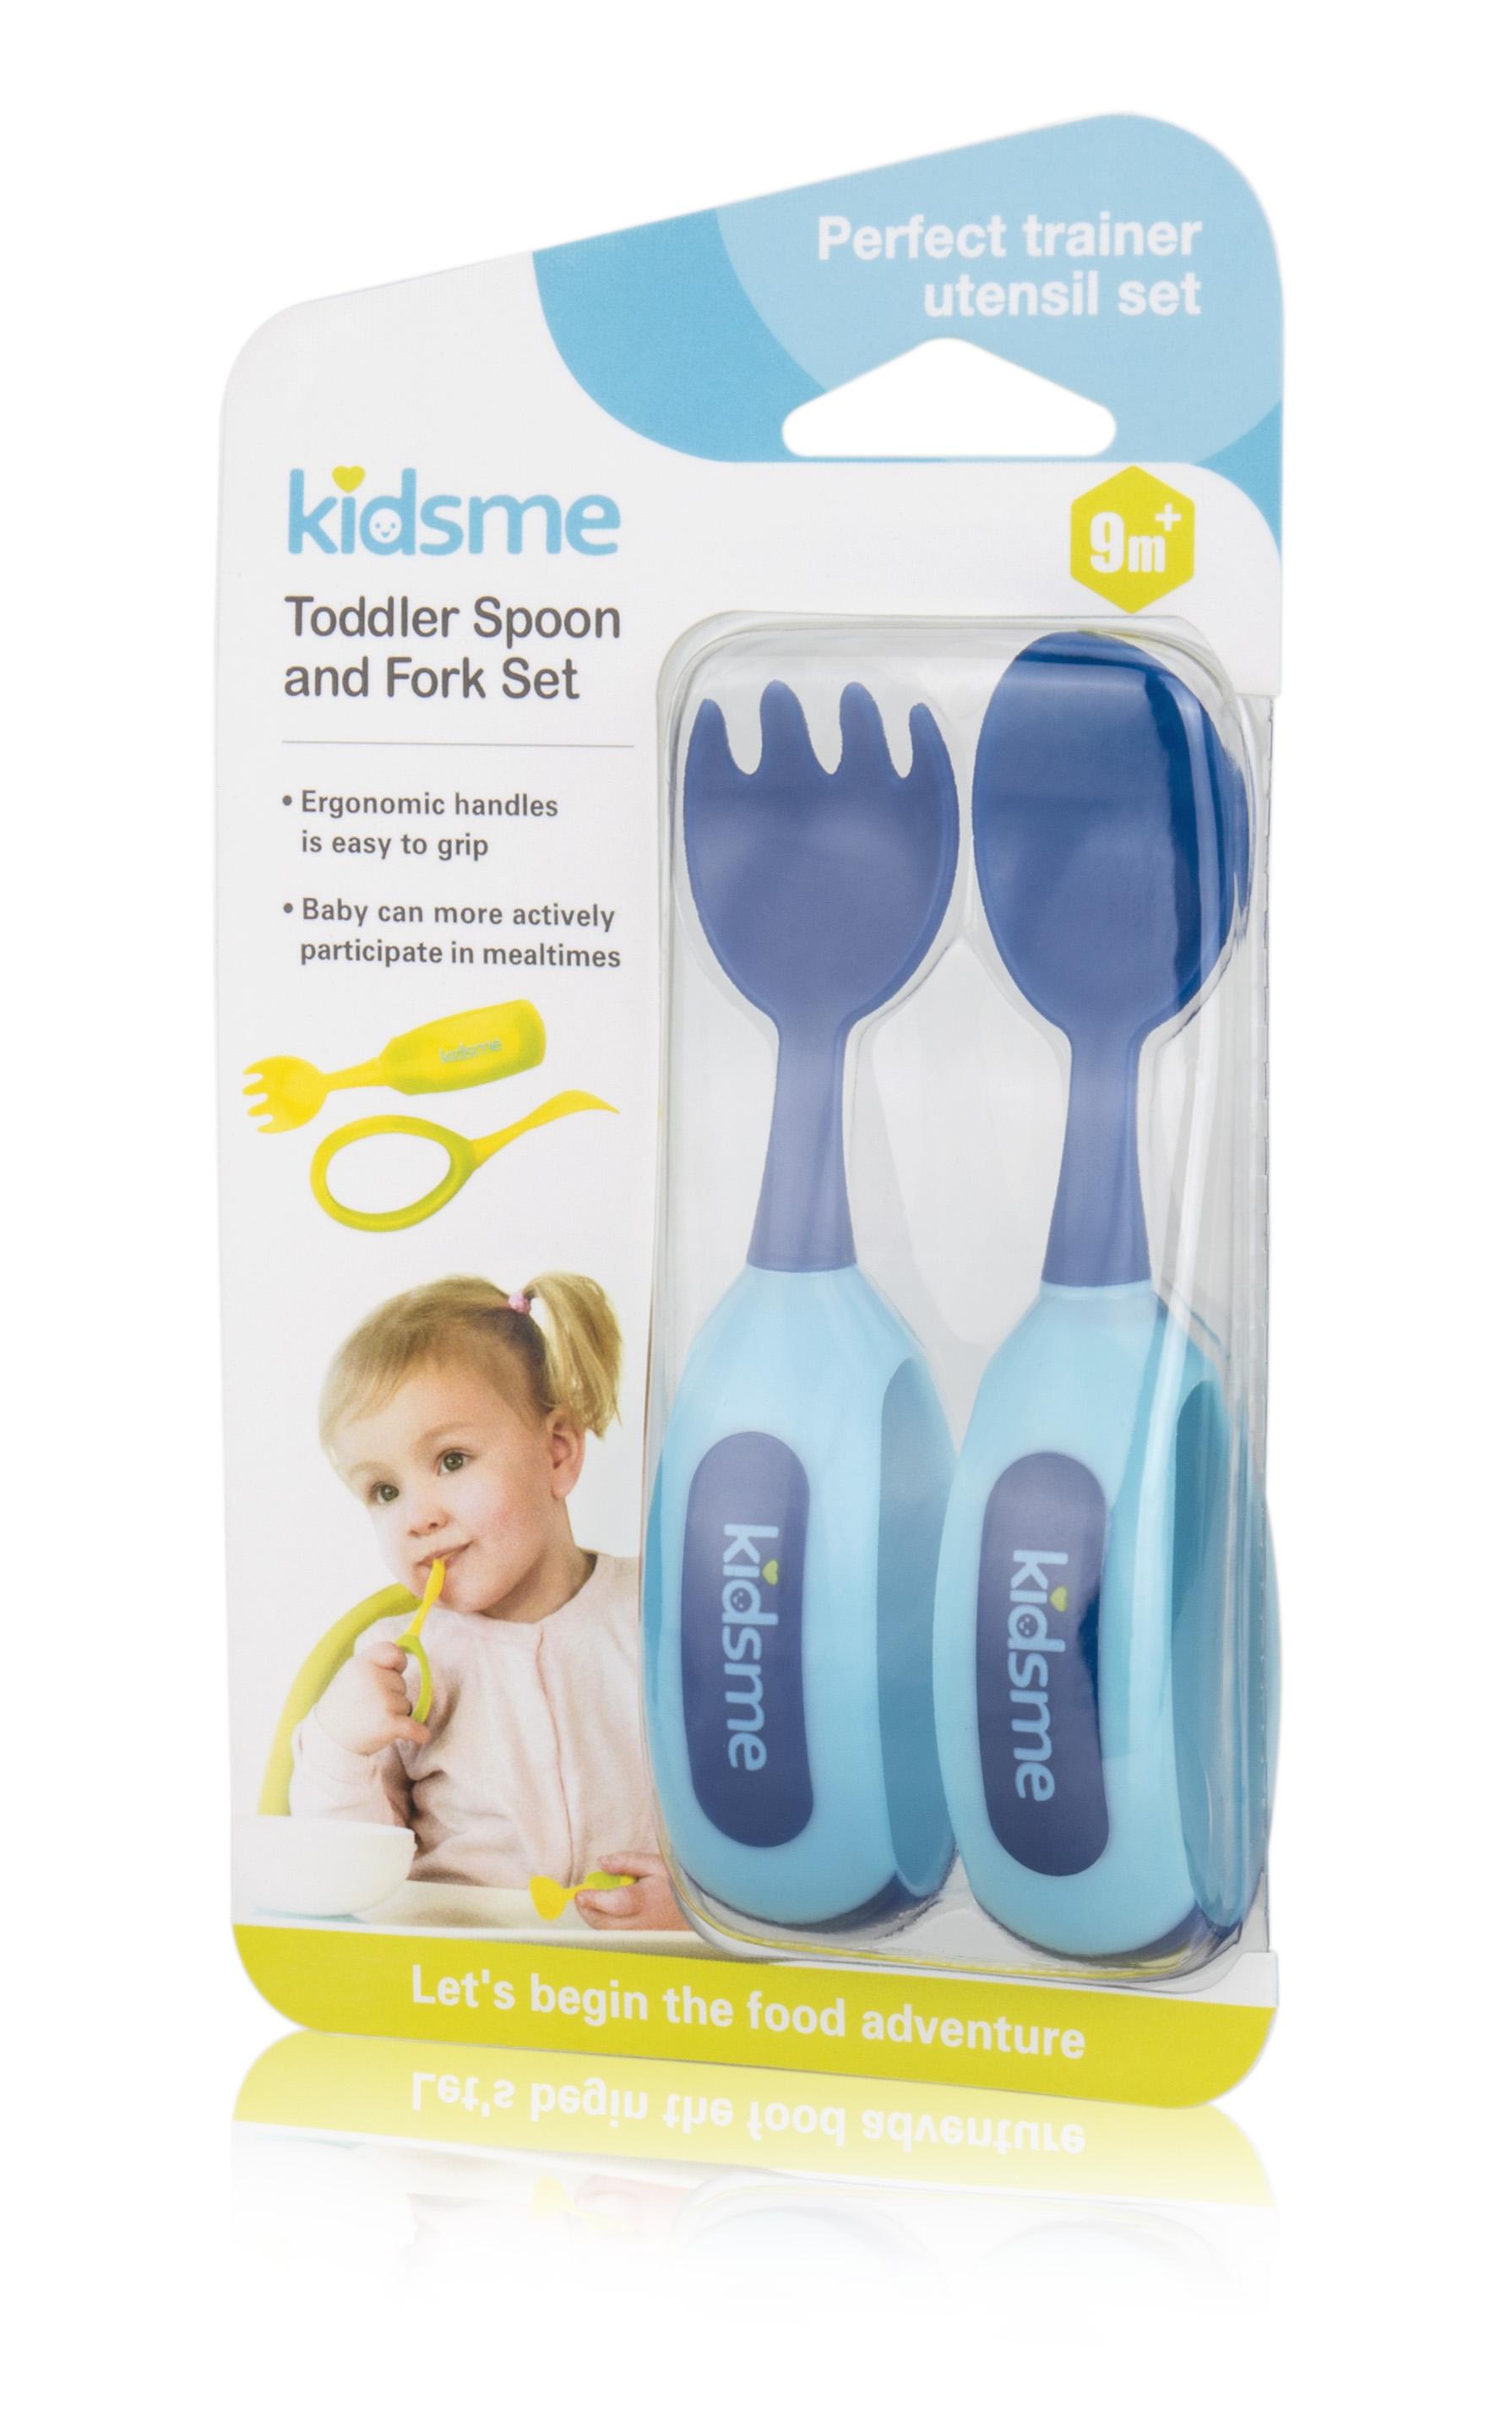 Bộ nĩa và muỗng tập ăn kidsme màu xanh dương